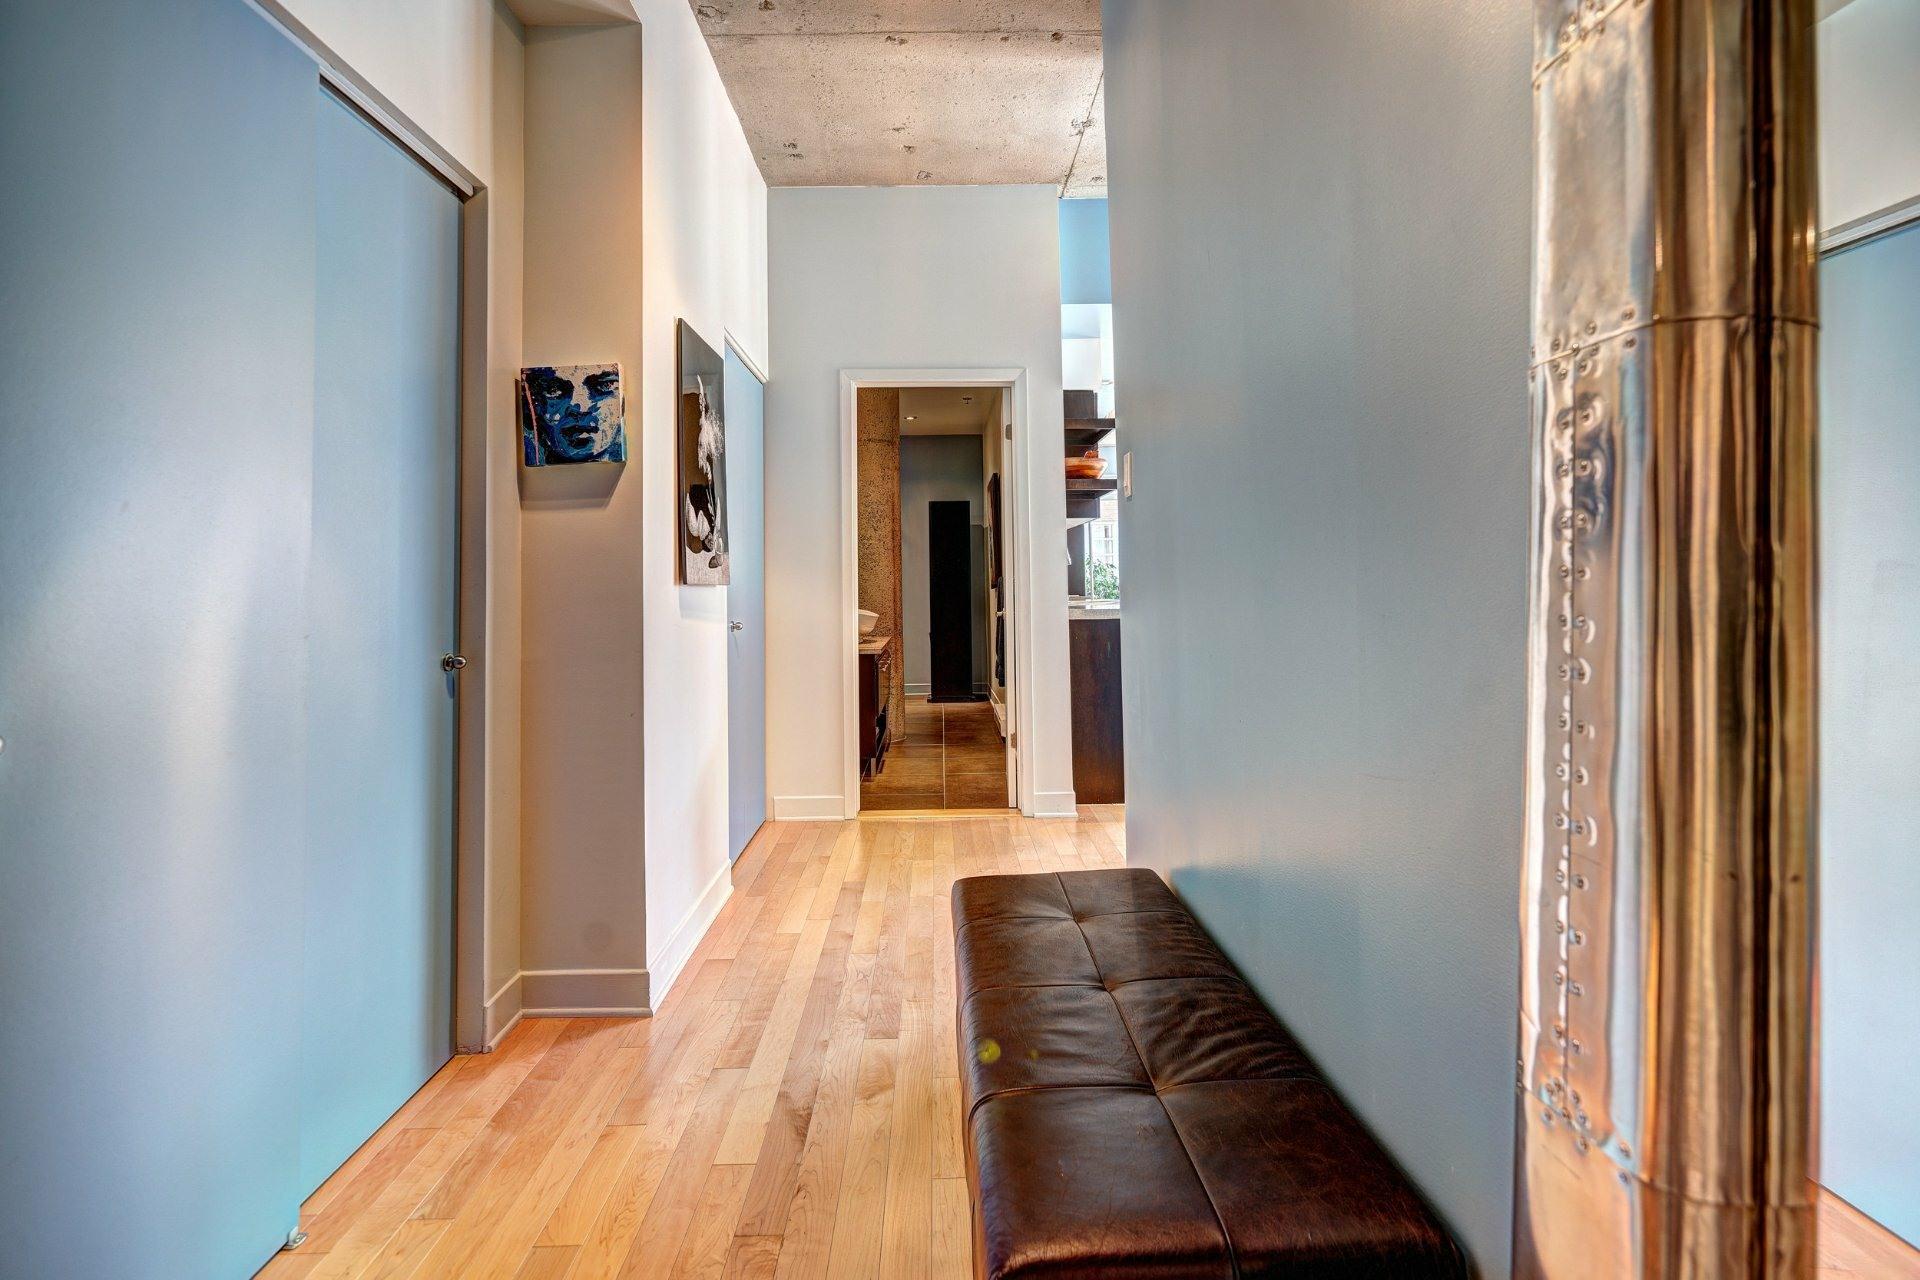 image 22 - Appartement À louer Villeray/Saint-Michel/Parc-Extension Montréal  - 8 pièces